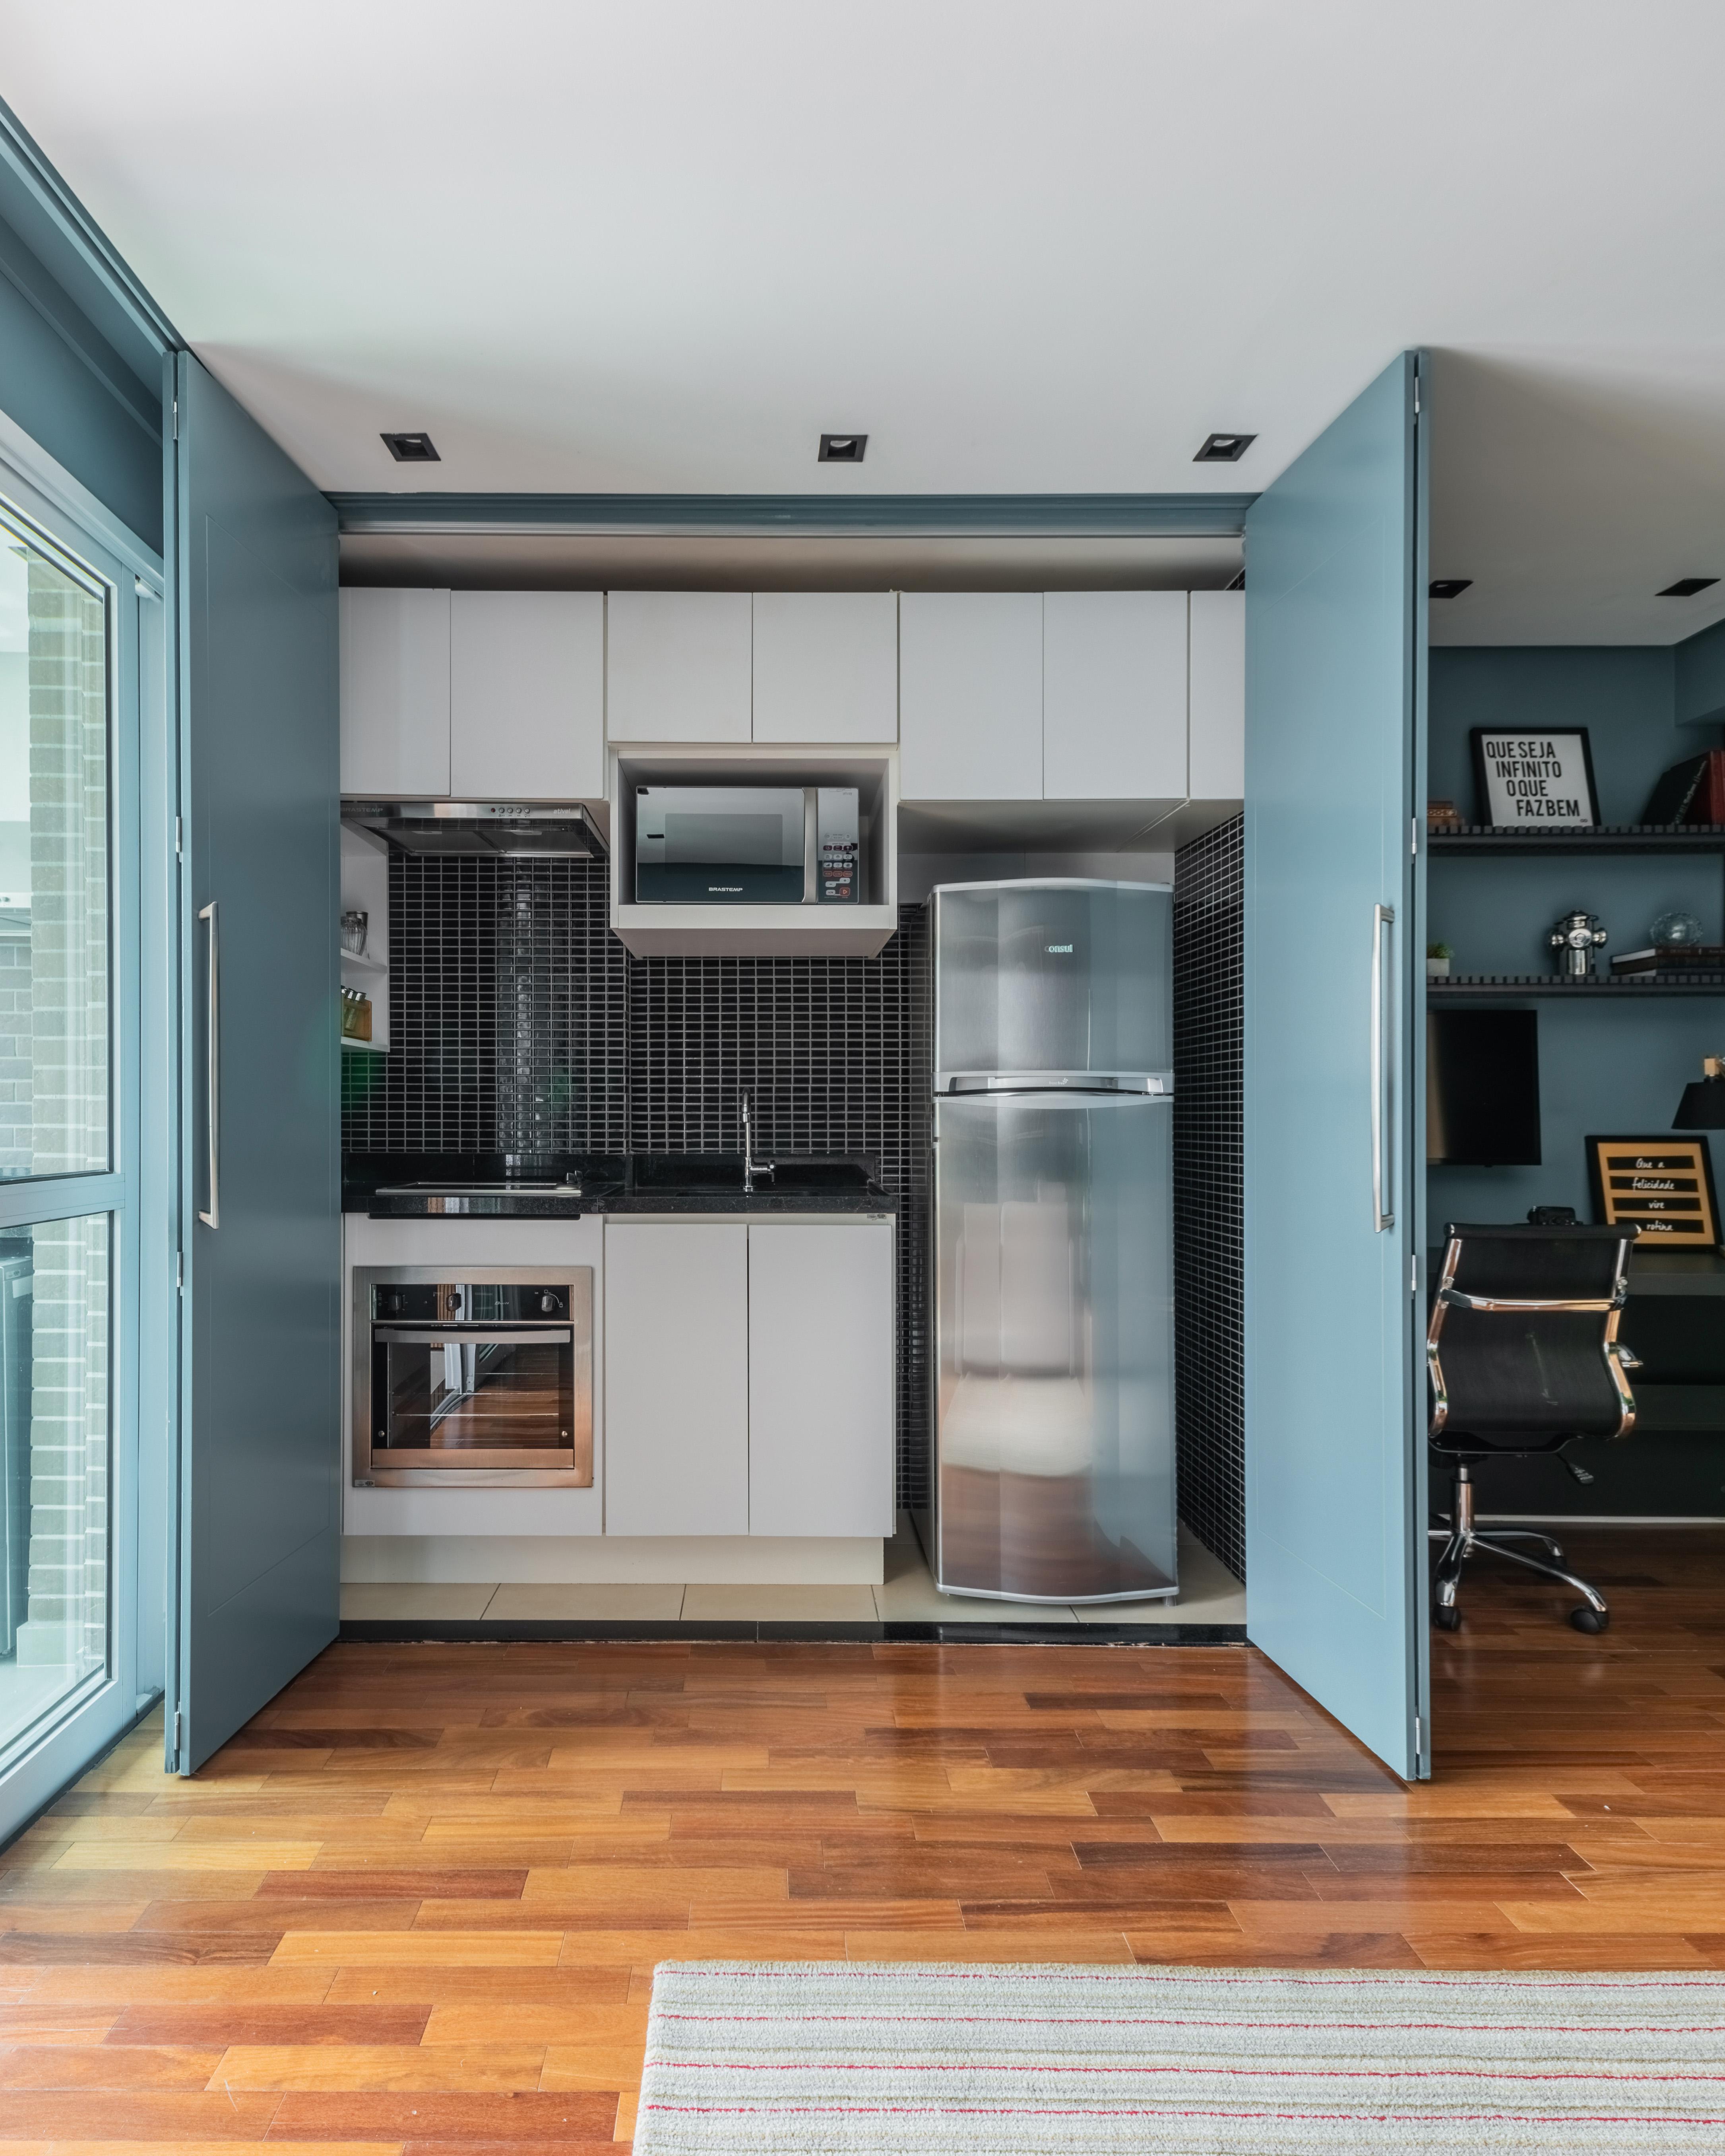 Detalhe da cozinha compacta à mostra.